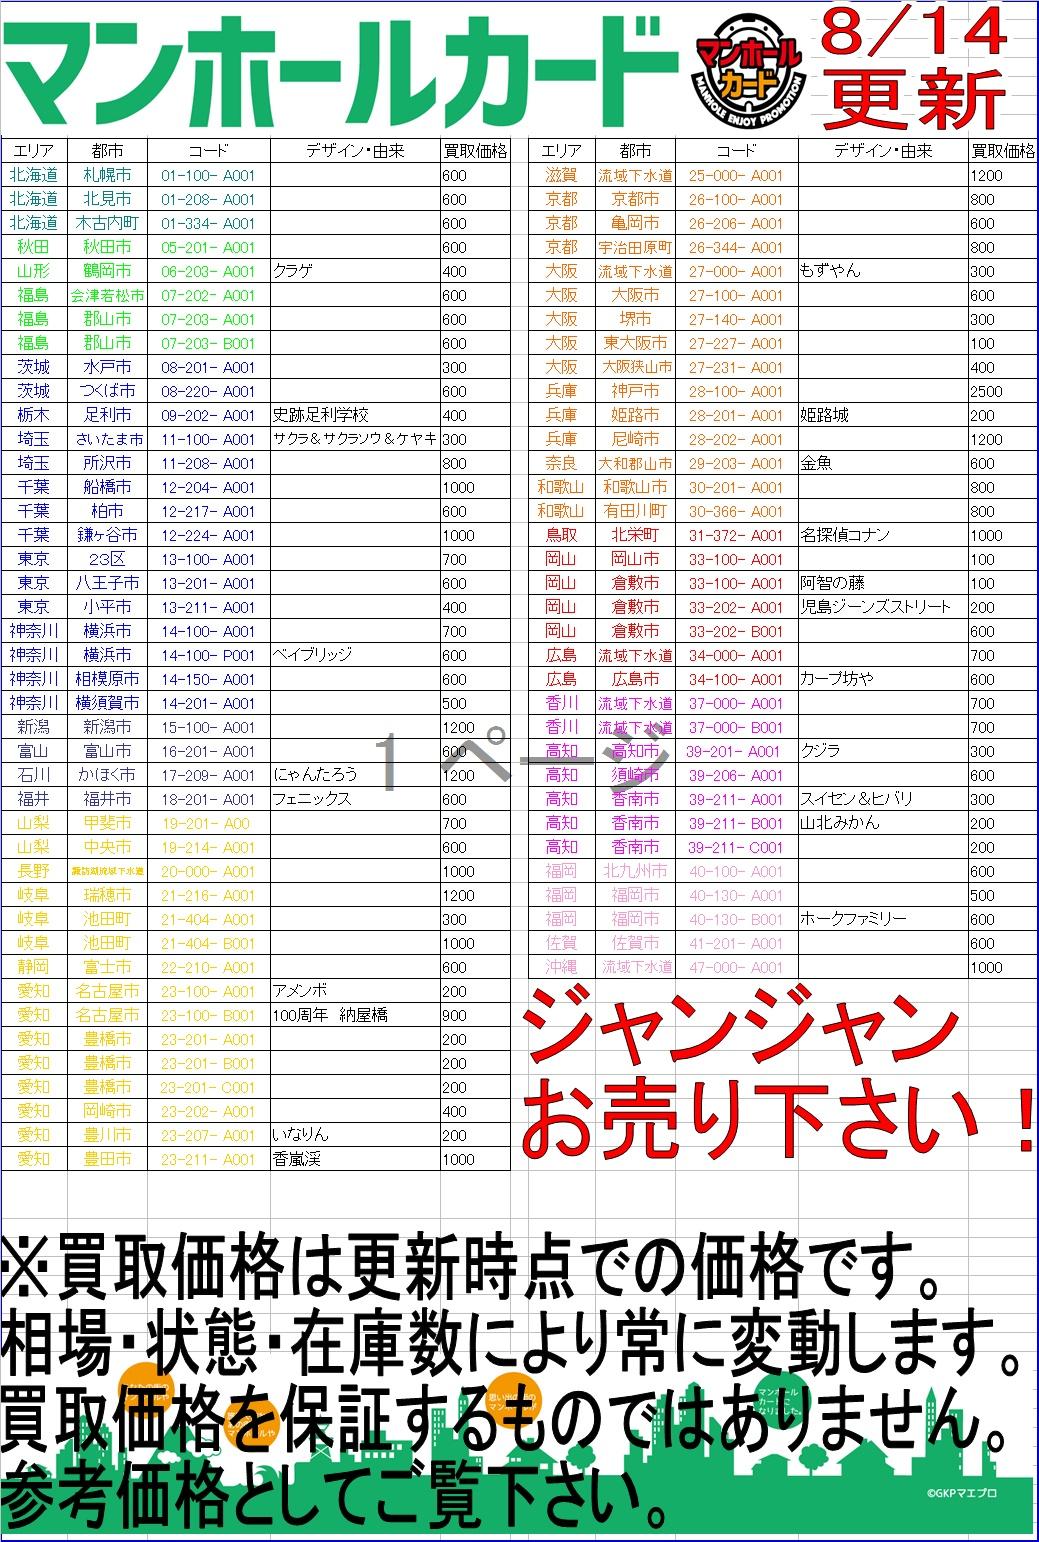 マンホールカード買取浜北鑑定団